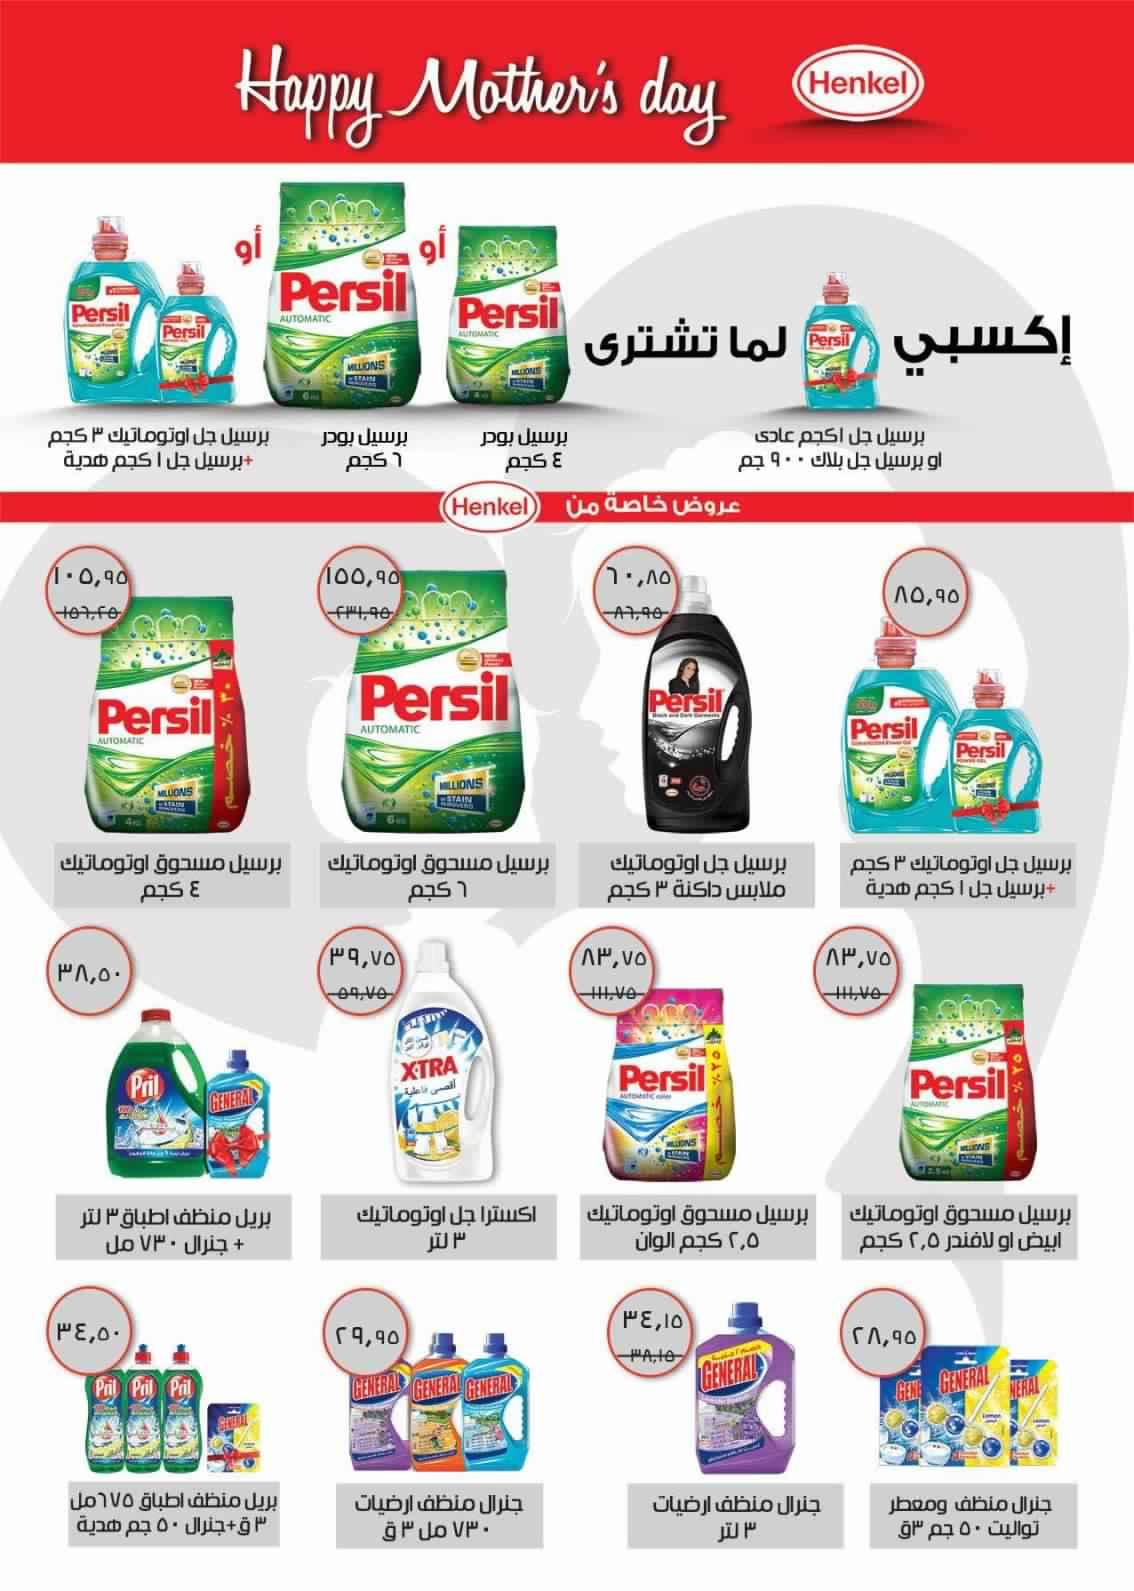 عروض سعودى ماركت الجديدة من 1 حتى 21 مارس 2018